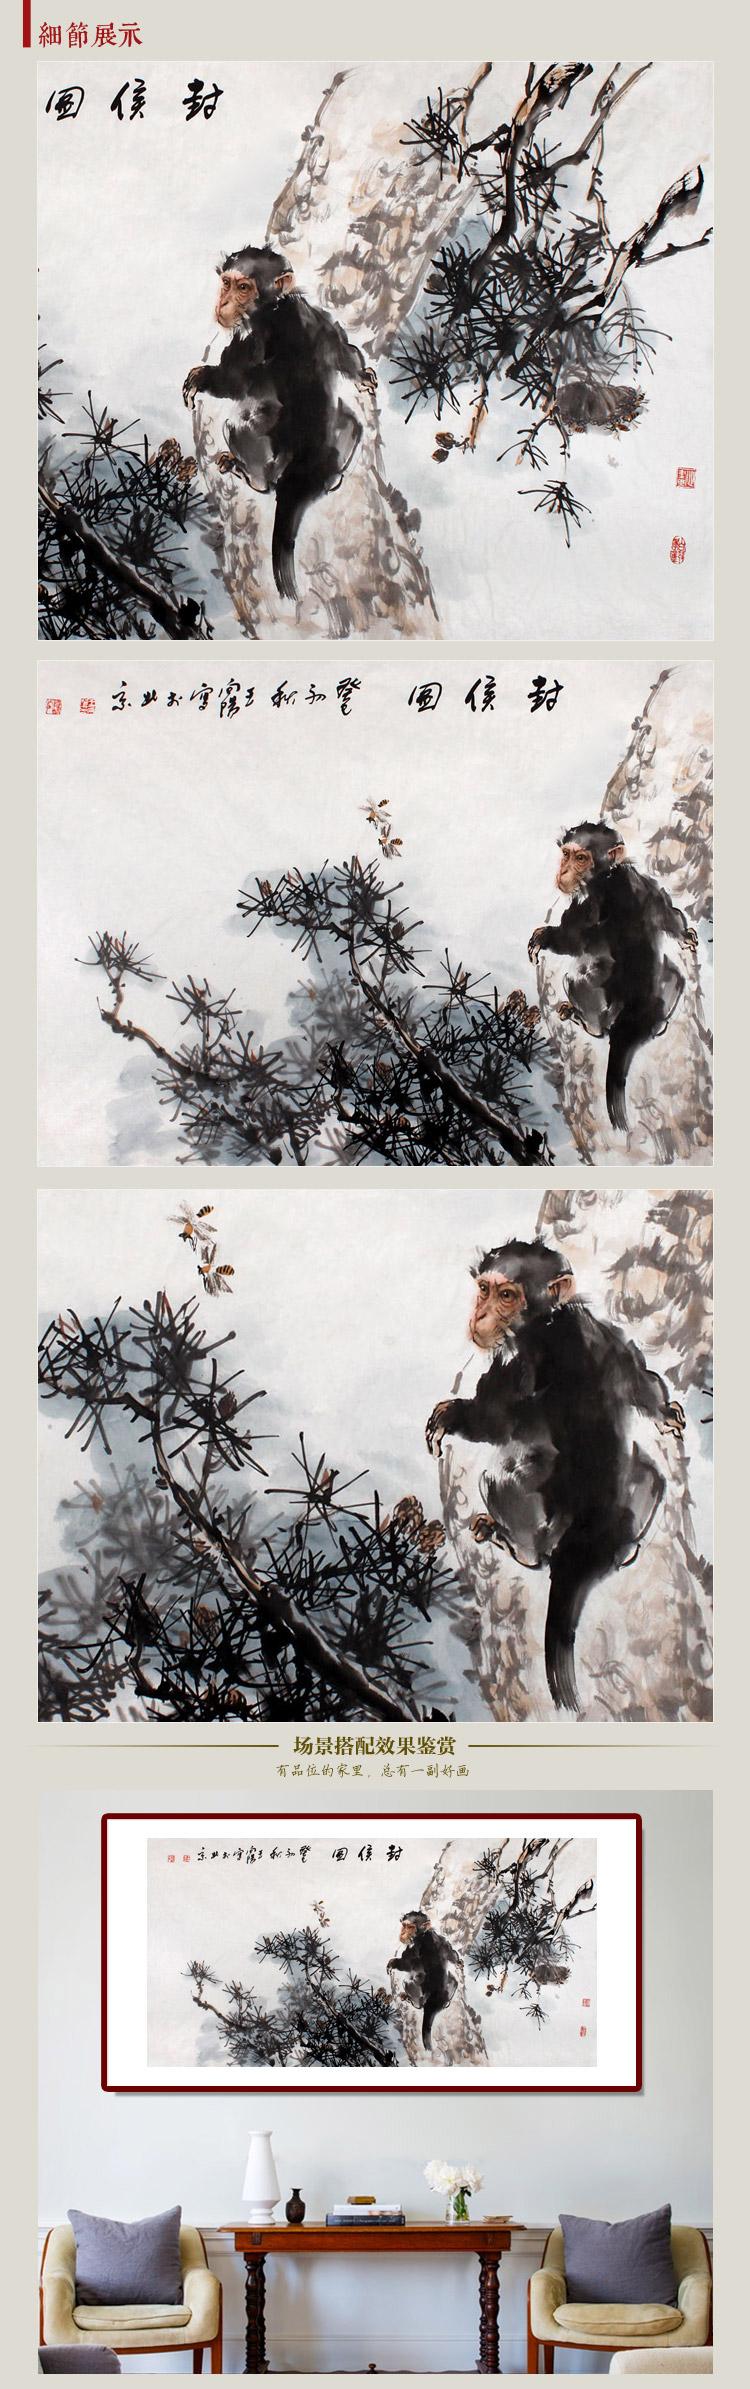 简单水墨国画写意动物